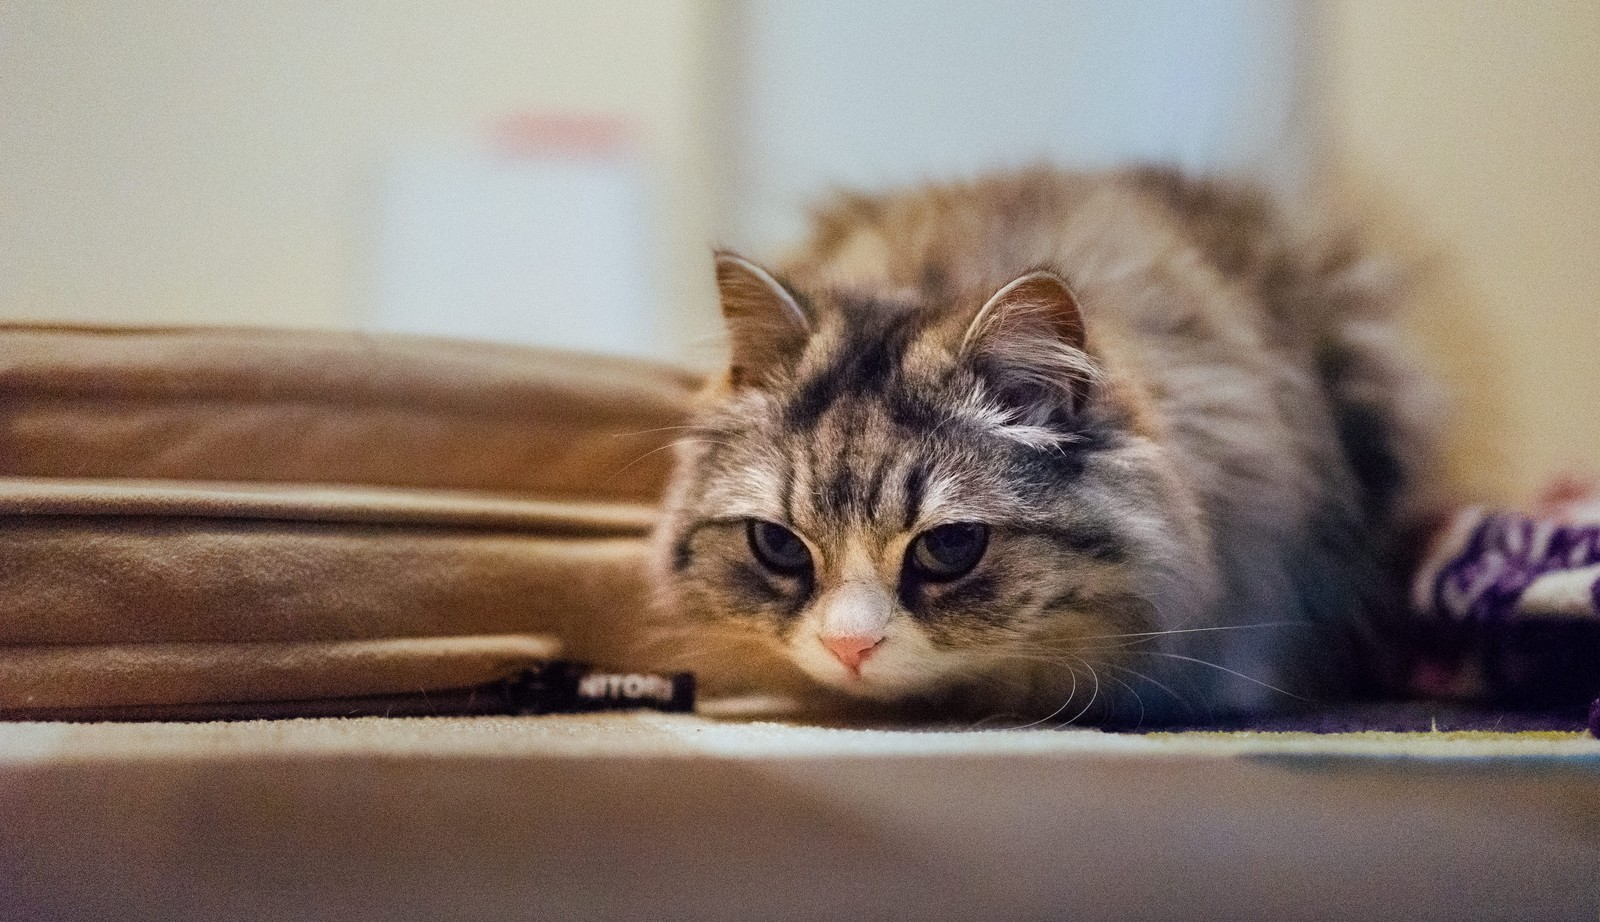 「獲物を狙ってるメス猫(スコティッシュフォールド)」の写真